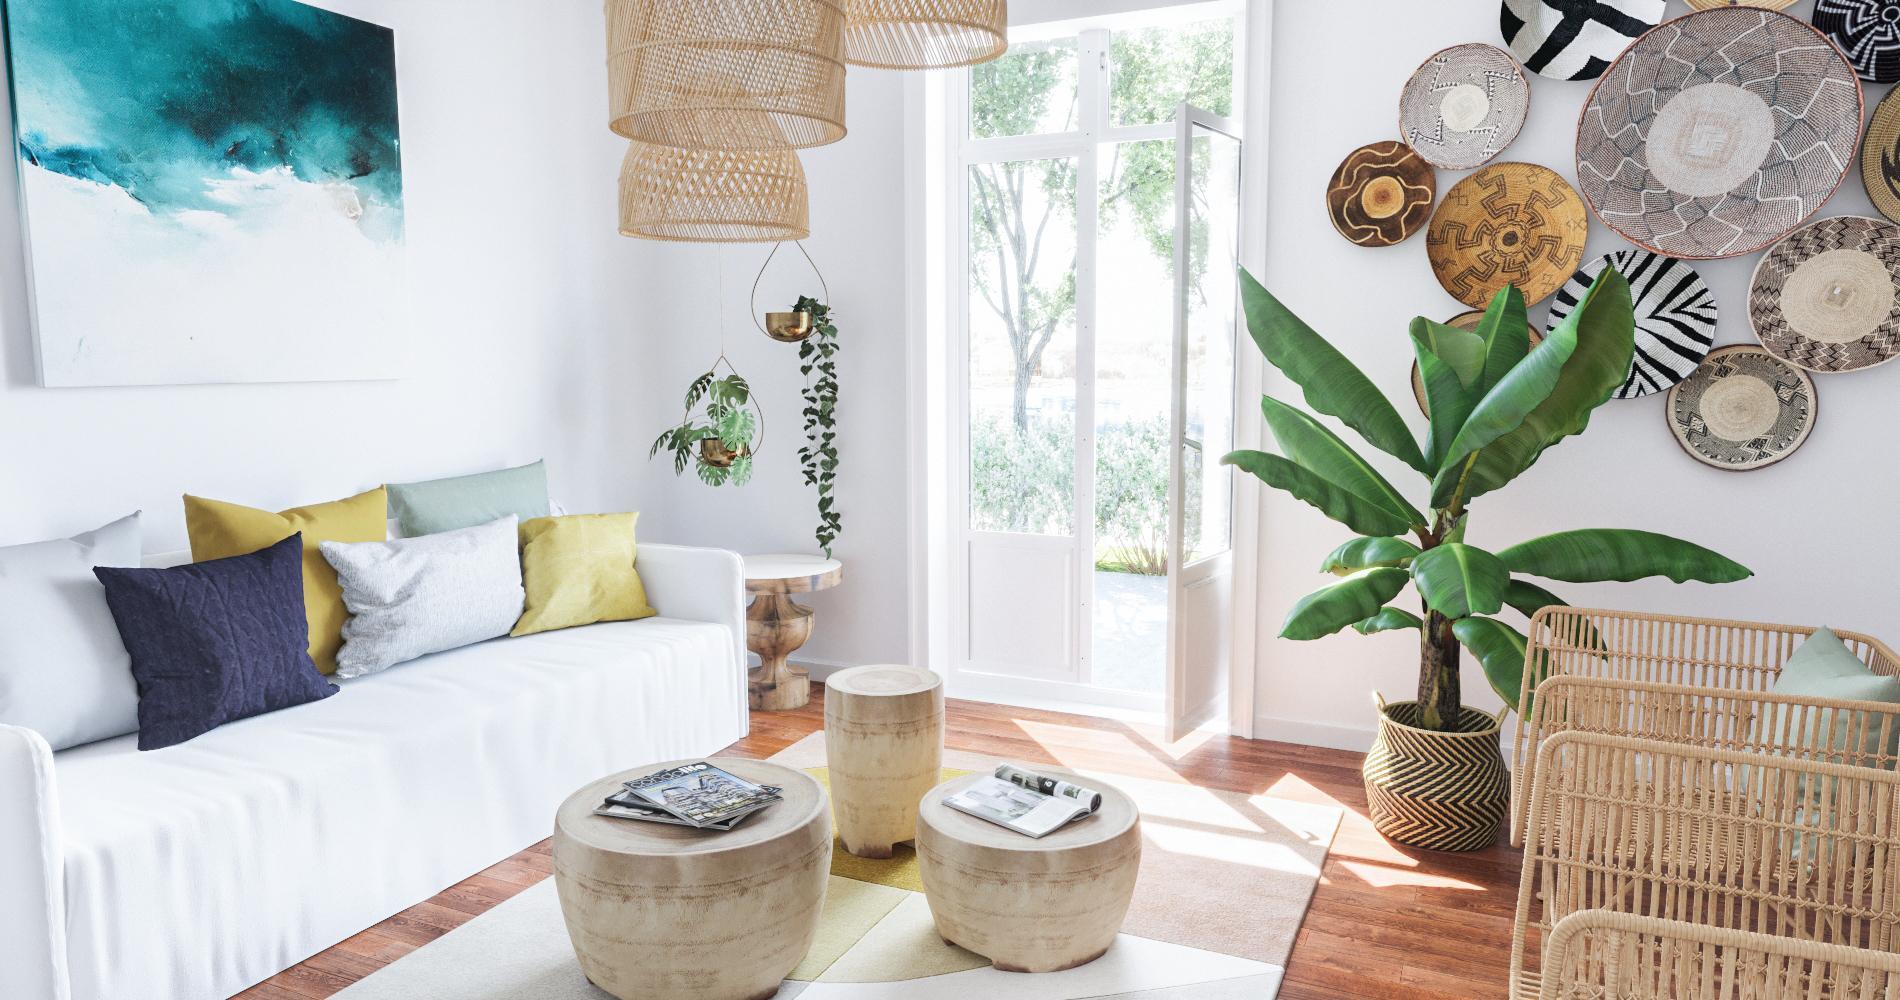 Comment donner un air de vacances à sa maison ? - Madame Figaro